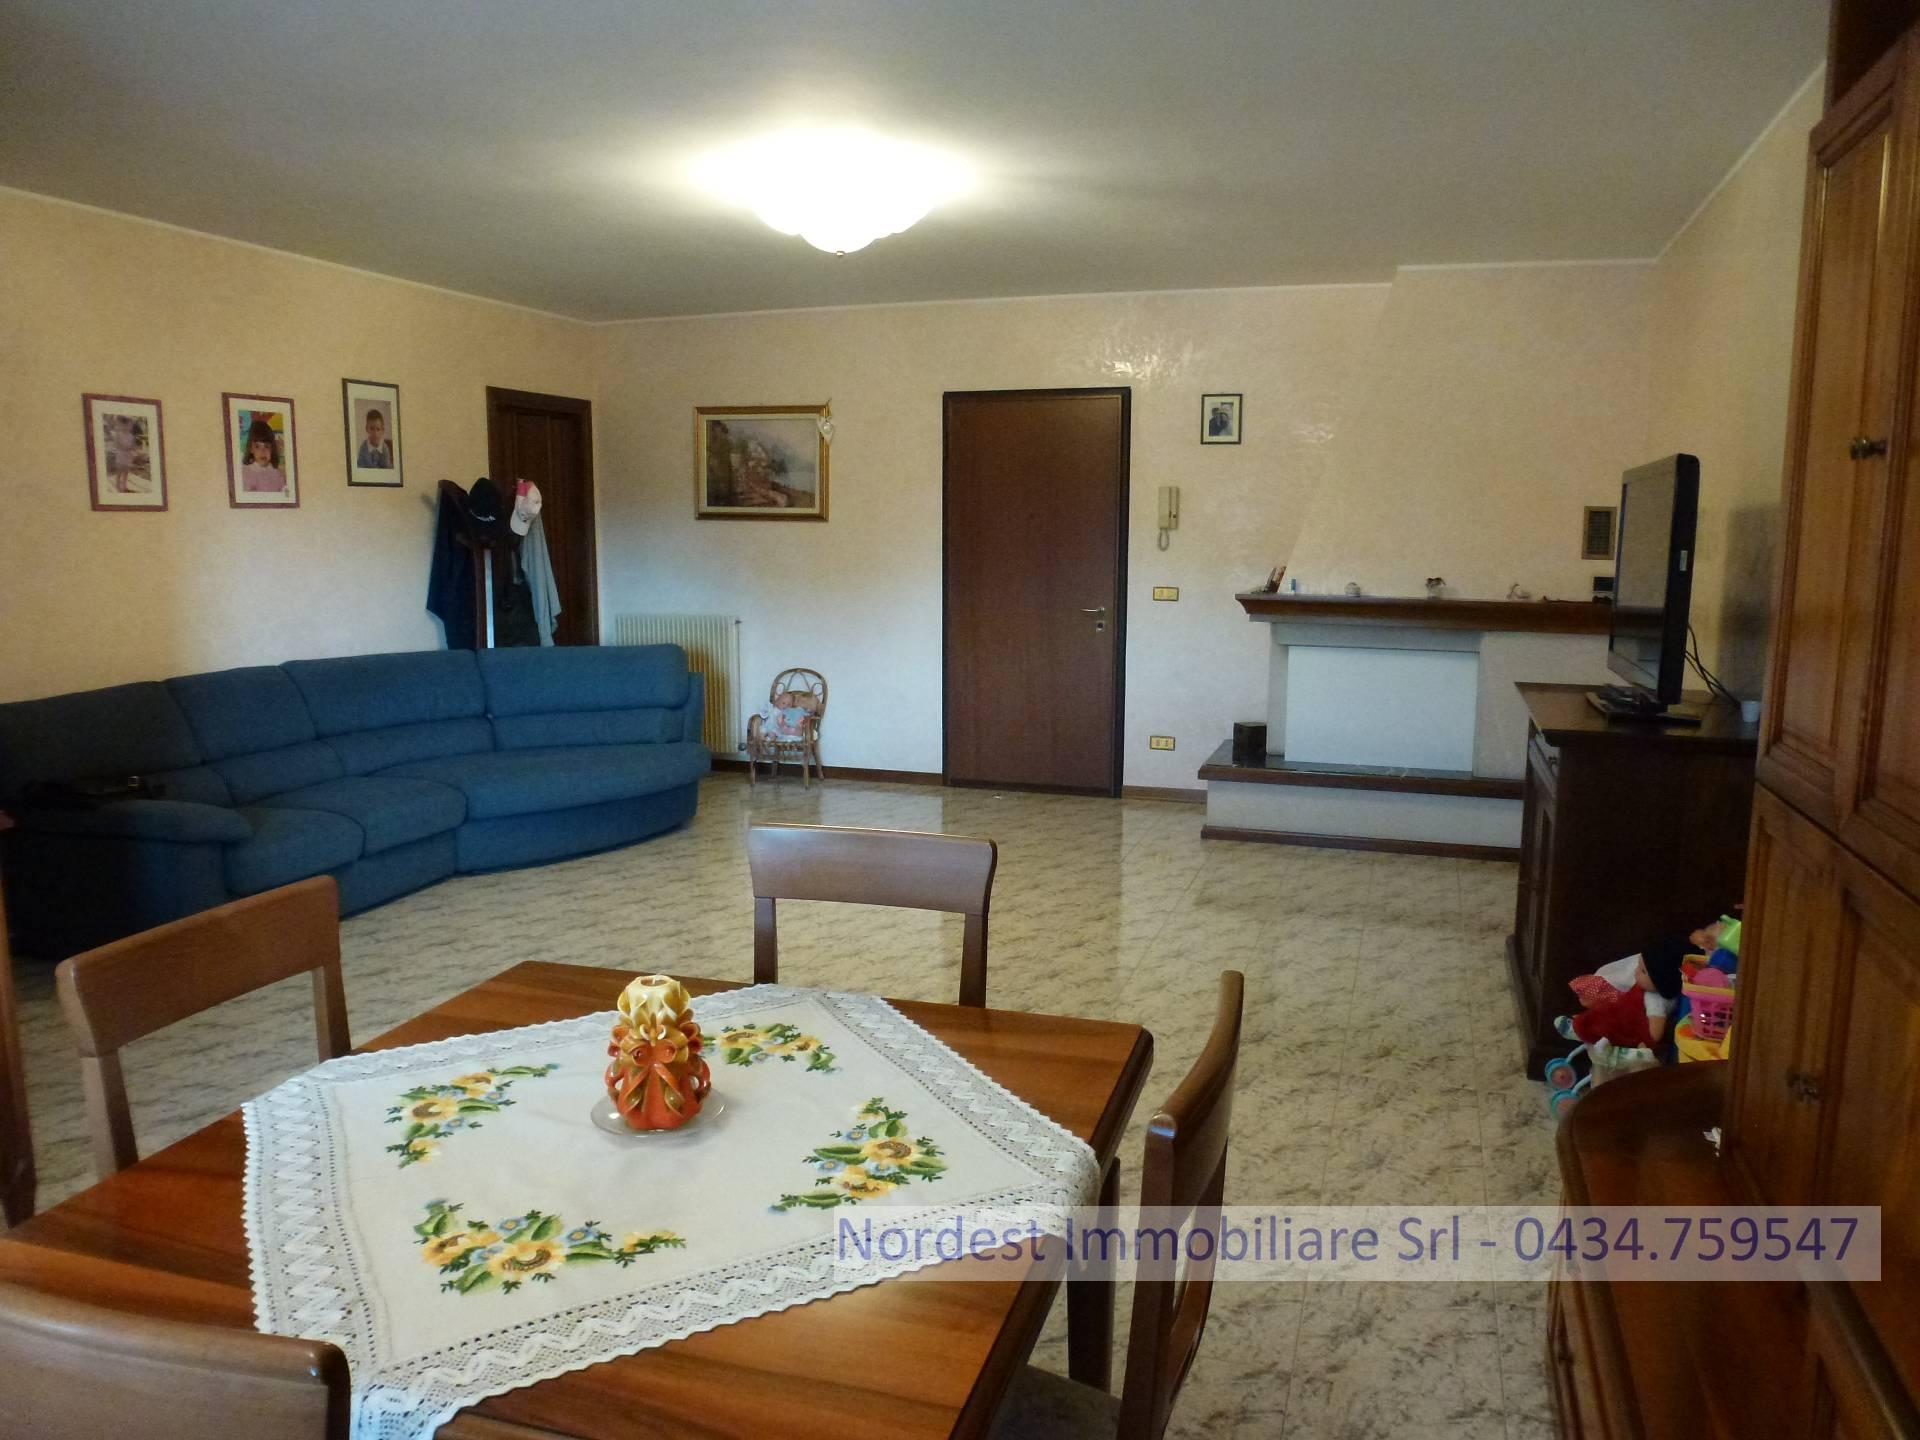 Appartamento in vendita a Gaiarine, 6 locali, prezzo € 142.000 | CambioCasa.it